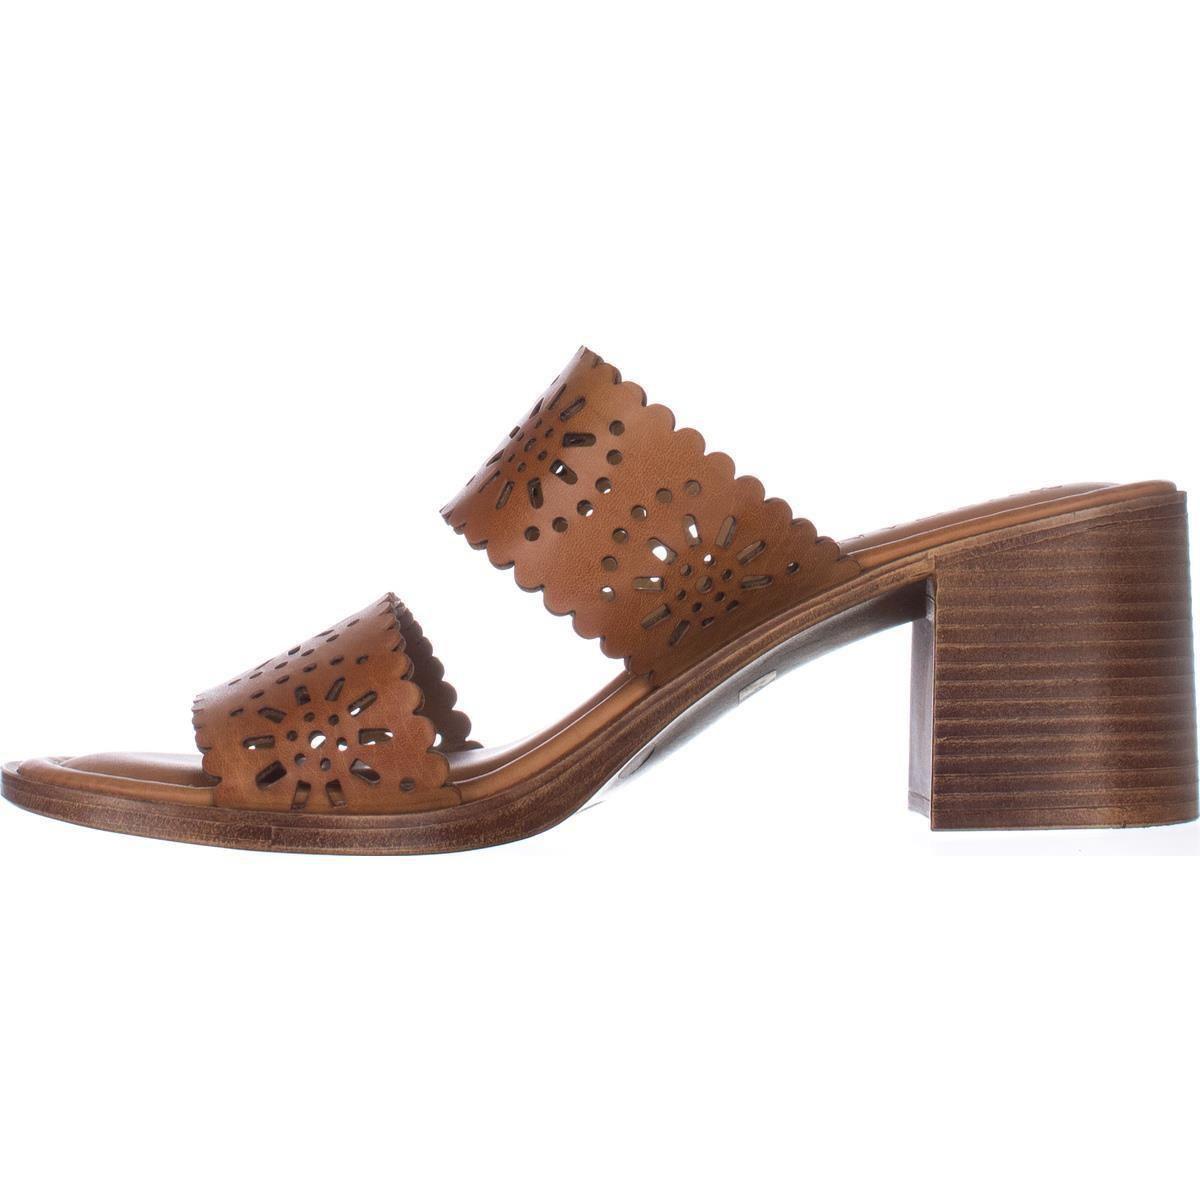 ec04651999b1 Lyst - Easy Street Womens Susana Open Toe Mules in Brown